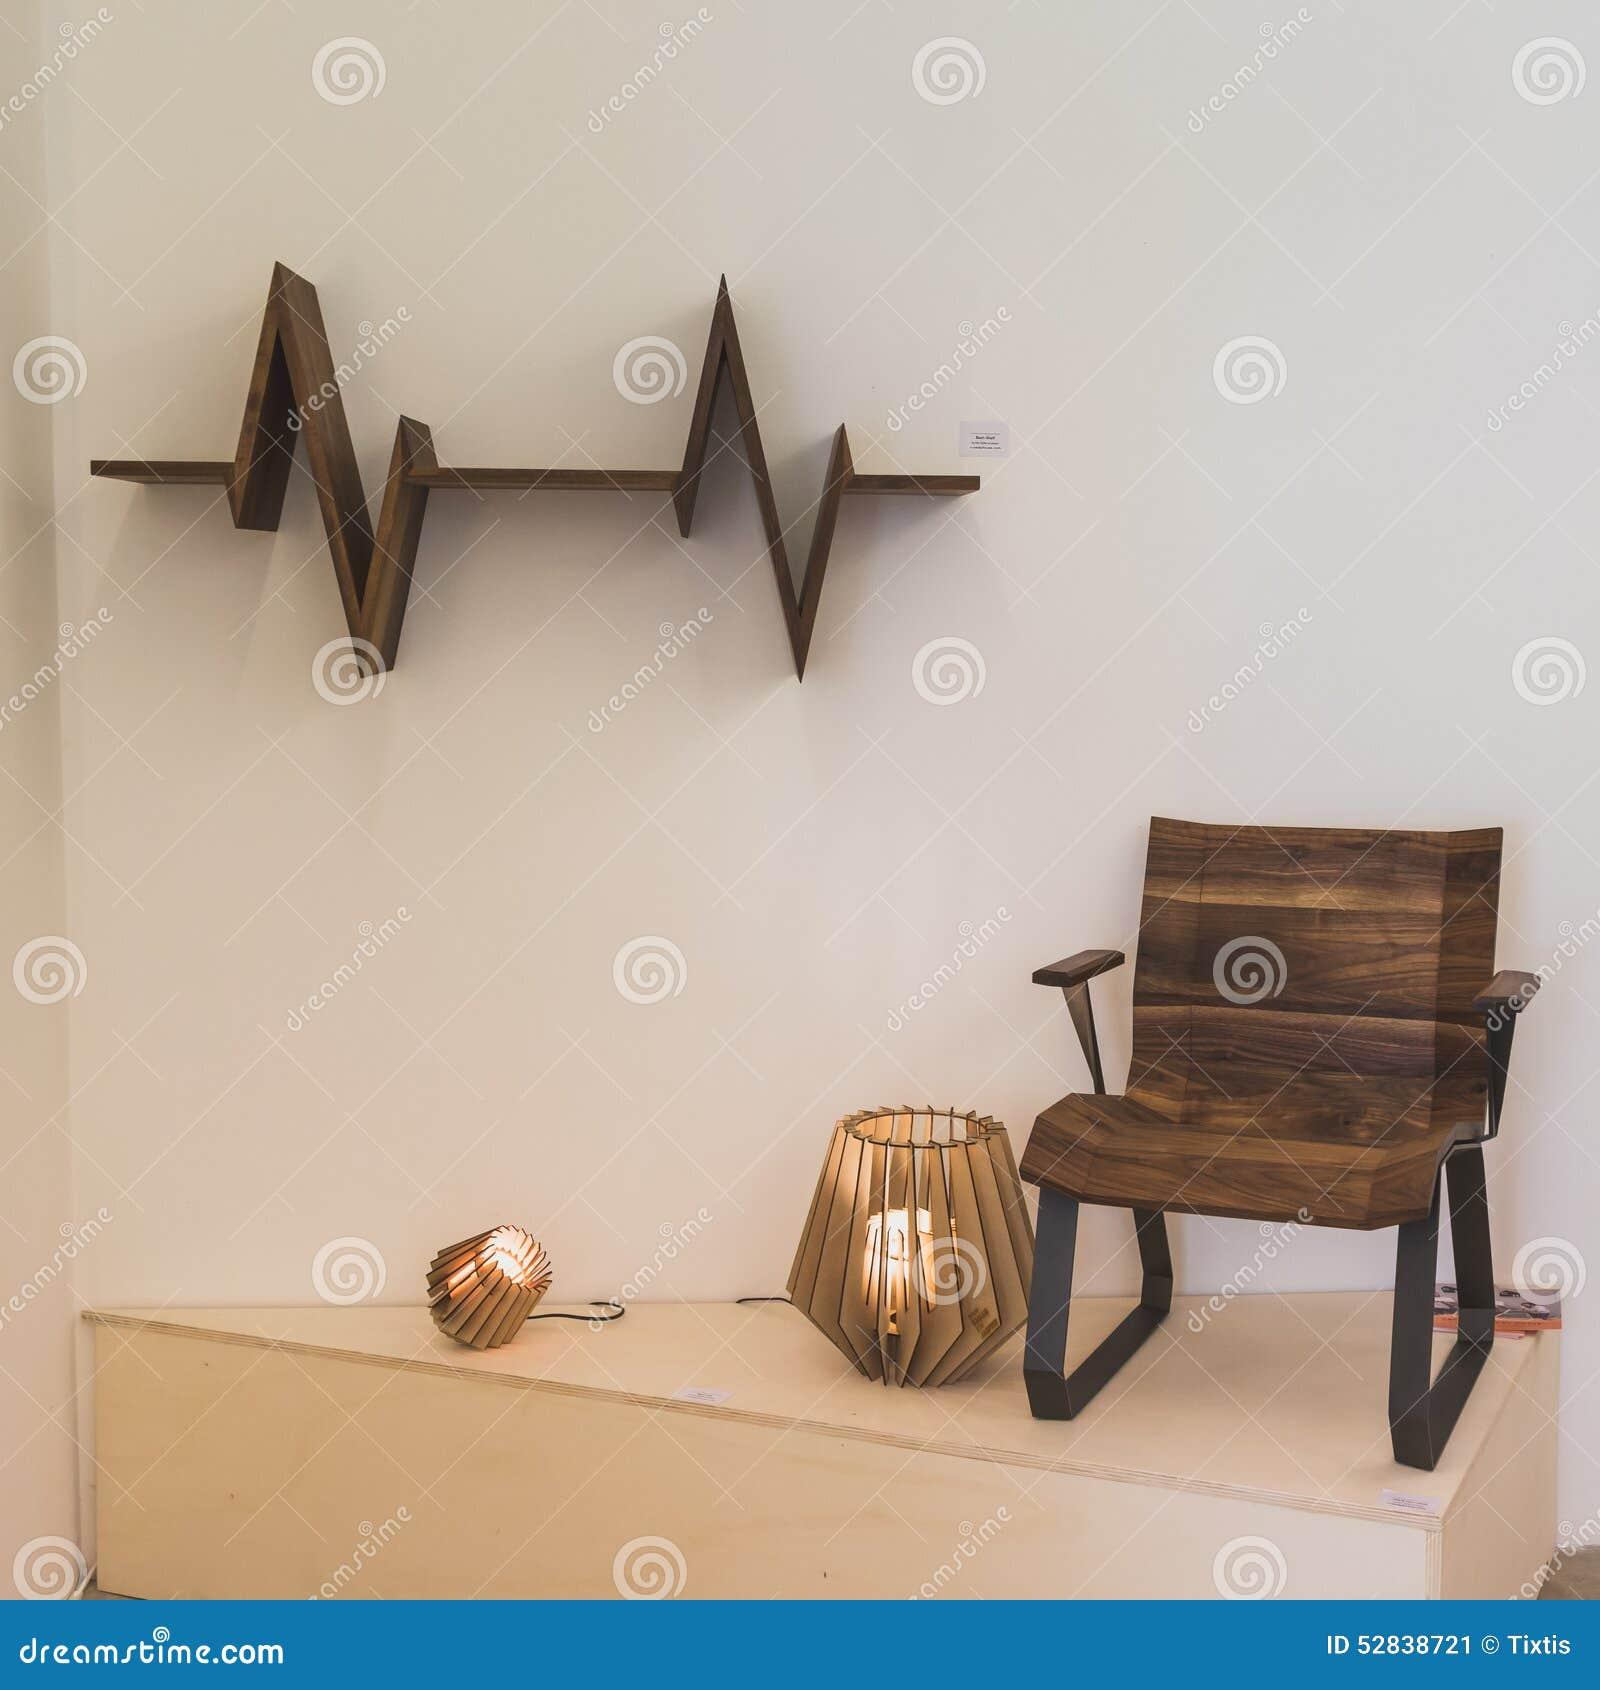 Muebles Ventura - Muebles En La Exhibici N En El Espacio De Ventura Lambrate Durante [mjhdah]https://thumbs.dreamstime.com/z/muebles-en-la-exhibici%C3%B3n-en-el-espacio-de-ventura-lambrate-durante-milan-desi-52840397.jpg